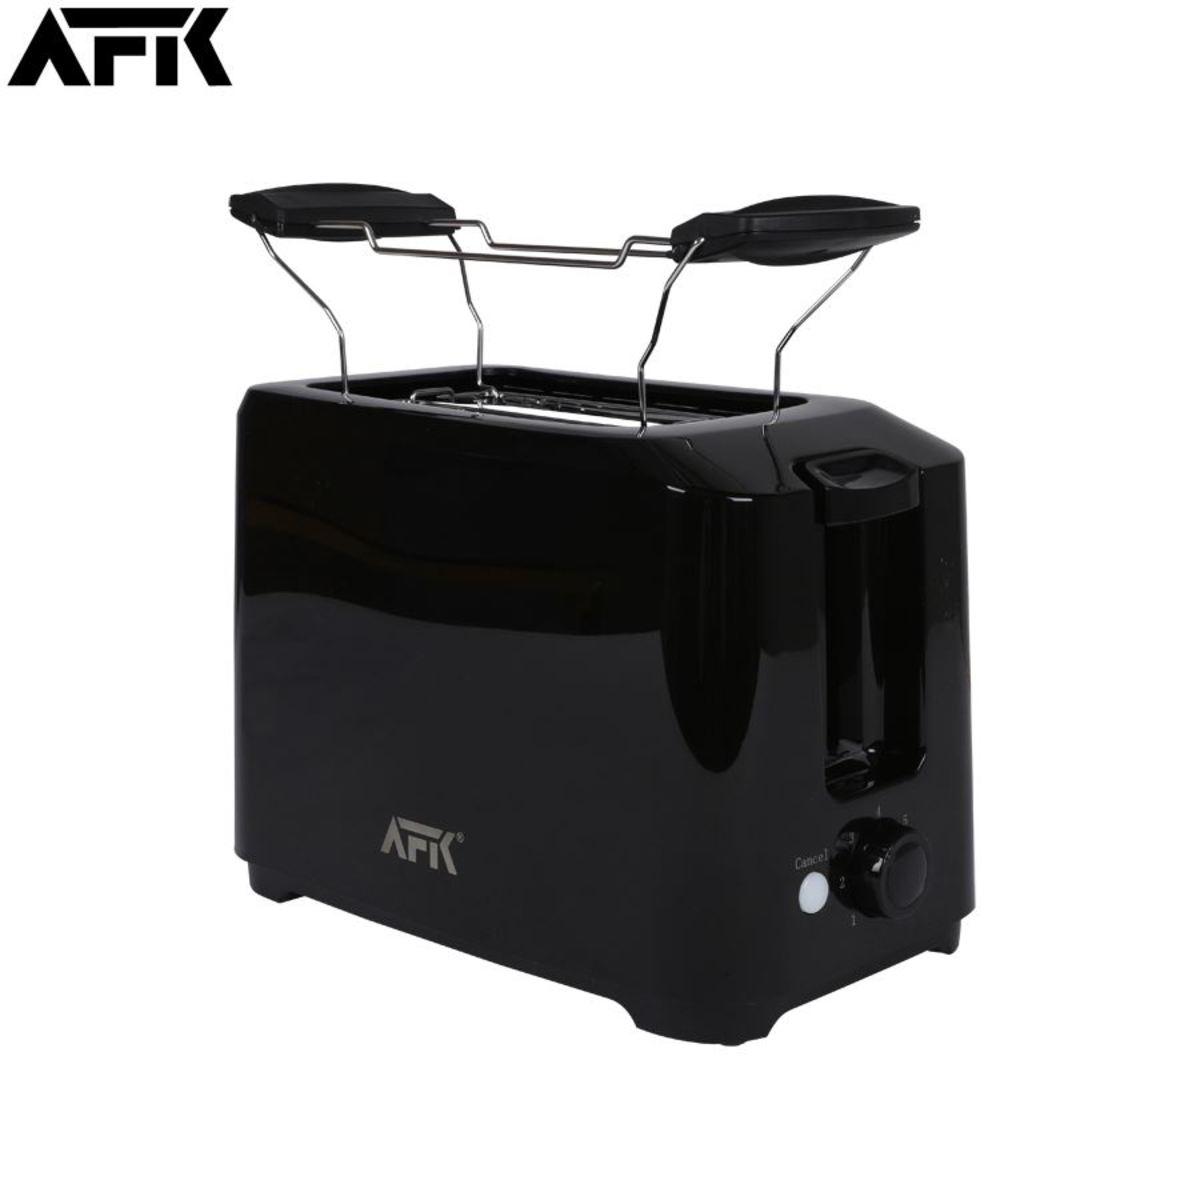 Bild 1 von AFK Toaster CTO-750.10.2 Schwarz